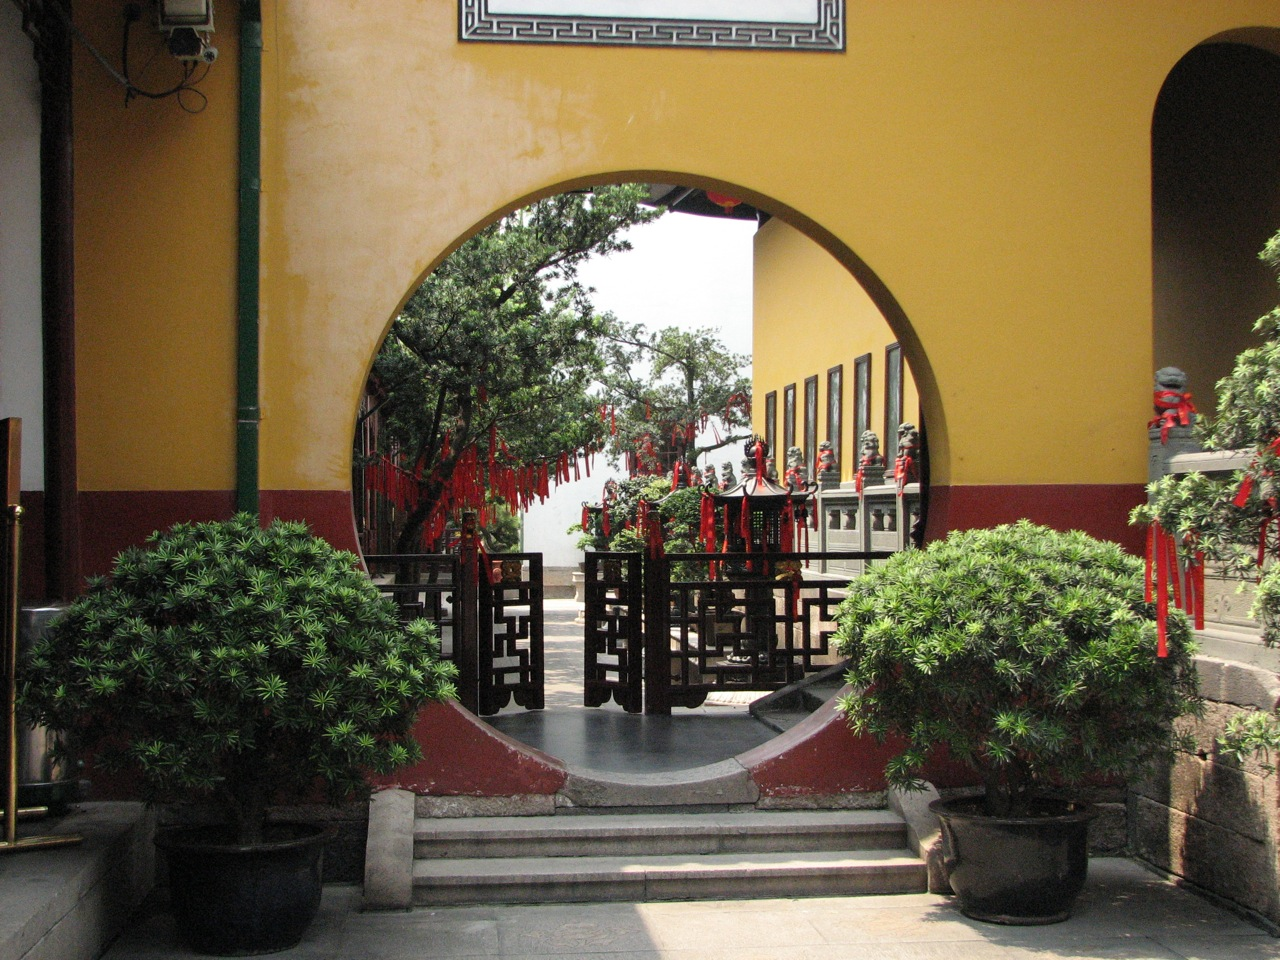 My Zen Garden Fence Extension and Moon Window